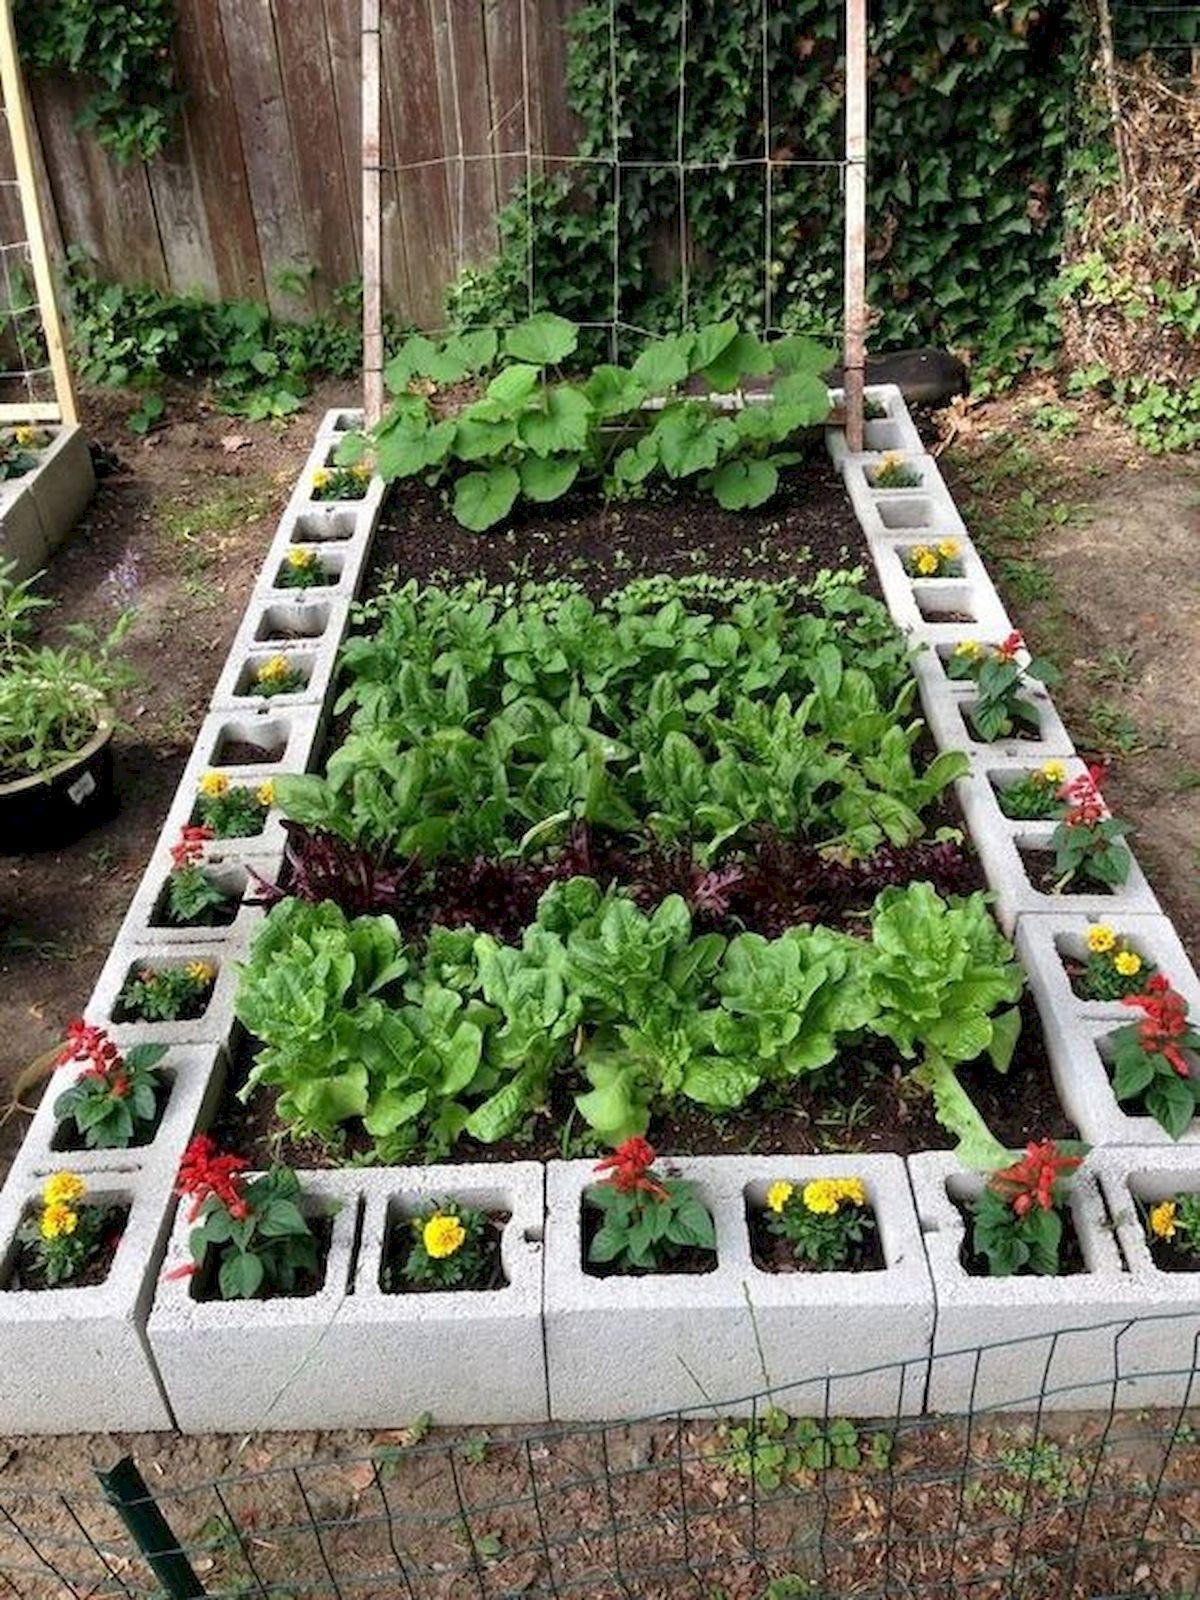 50 Inspiring Small Vegetable Garden Ideas Vegetable Garden Beds Backyard Vegetable Gardens Diy Raised Garden